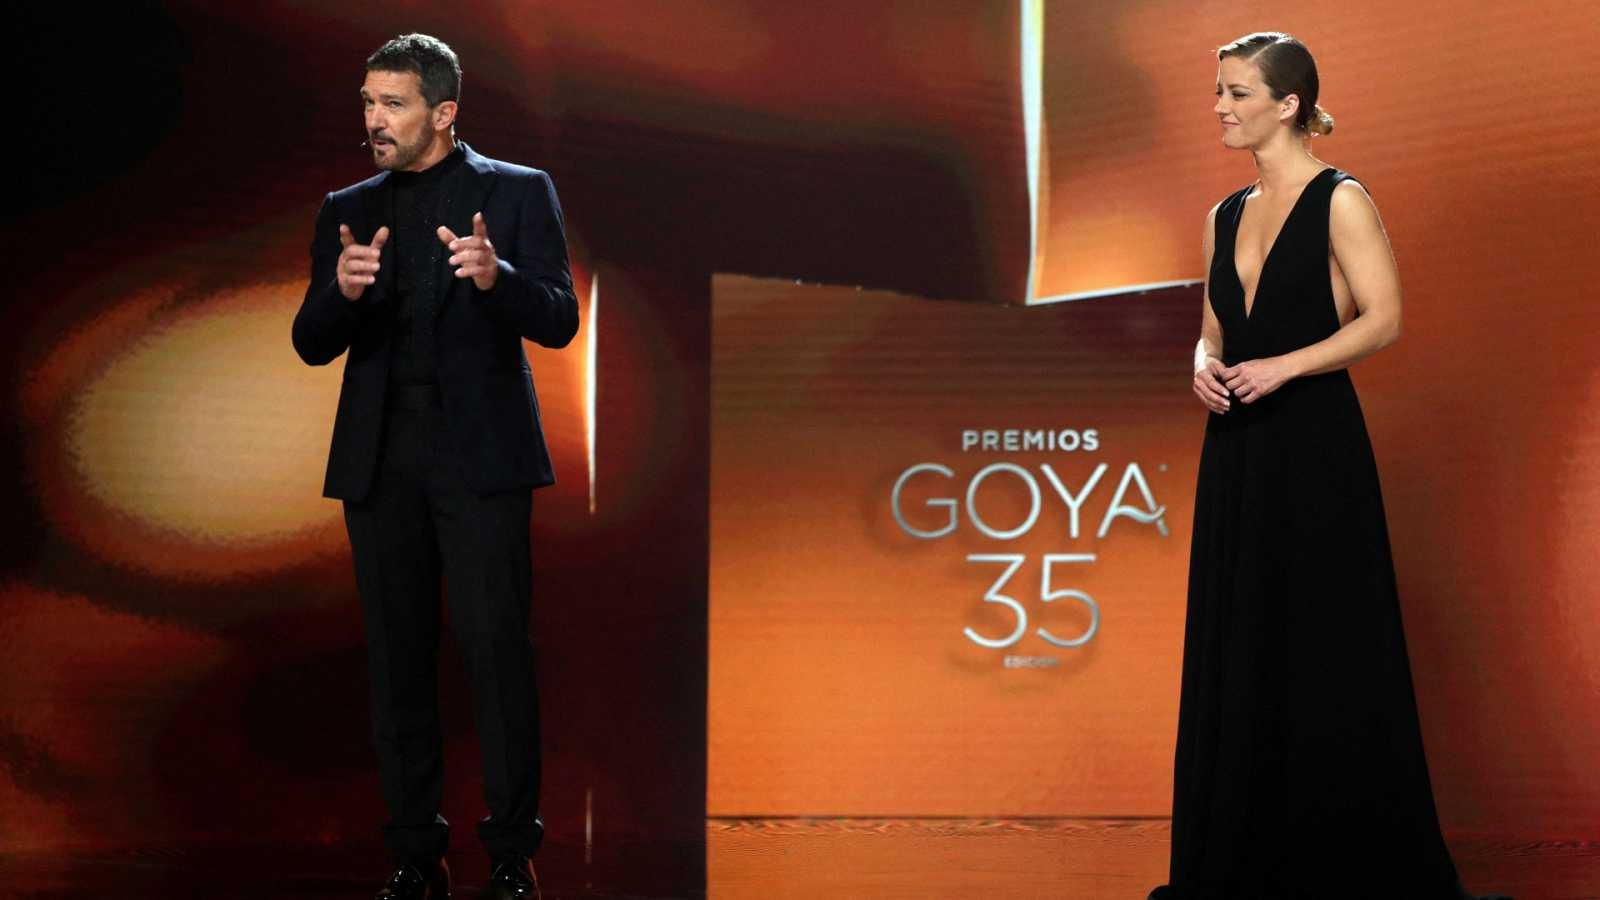 De película en Radio 5 - Todo pasa y todo queda, de la gala de los Goya a lo mejor de la cartelera - 12/03/21 - Escuchar ahora